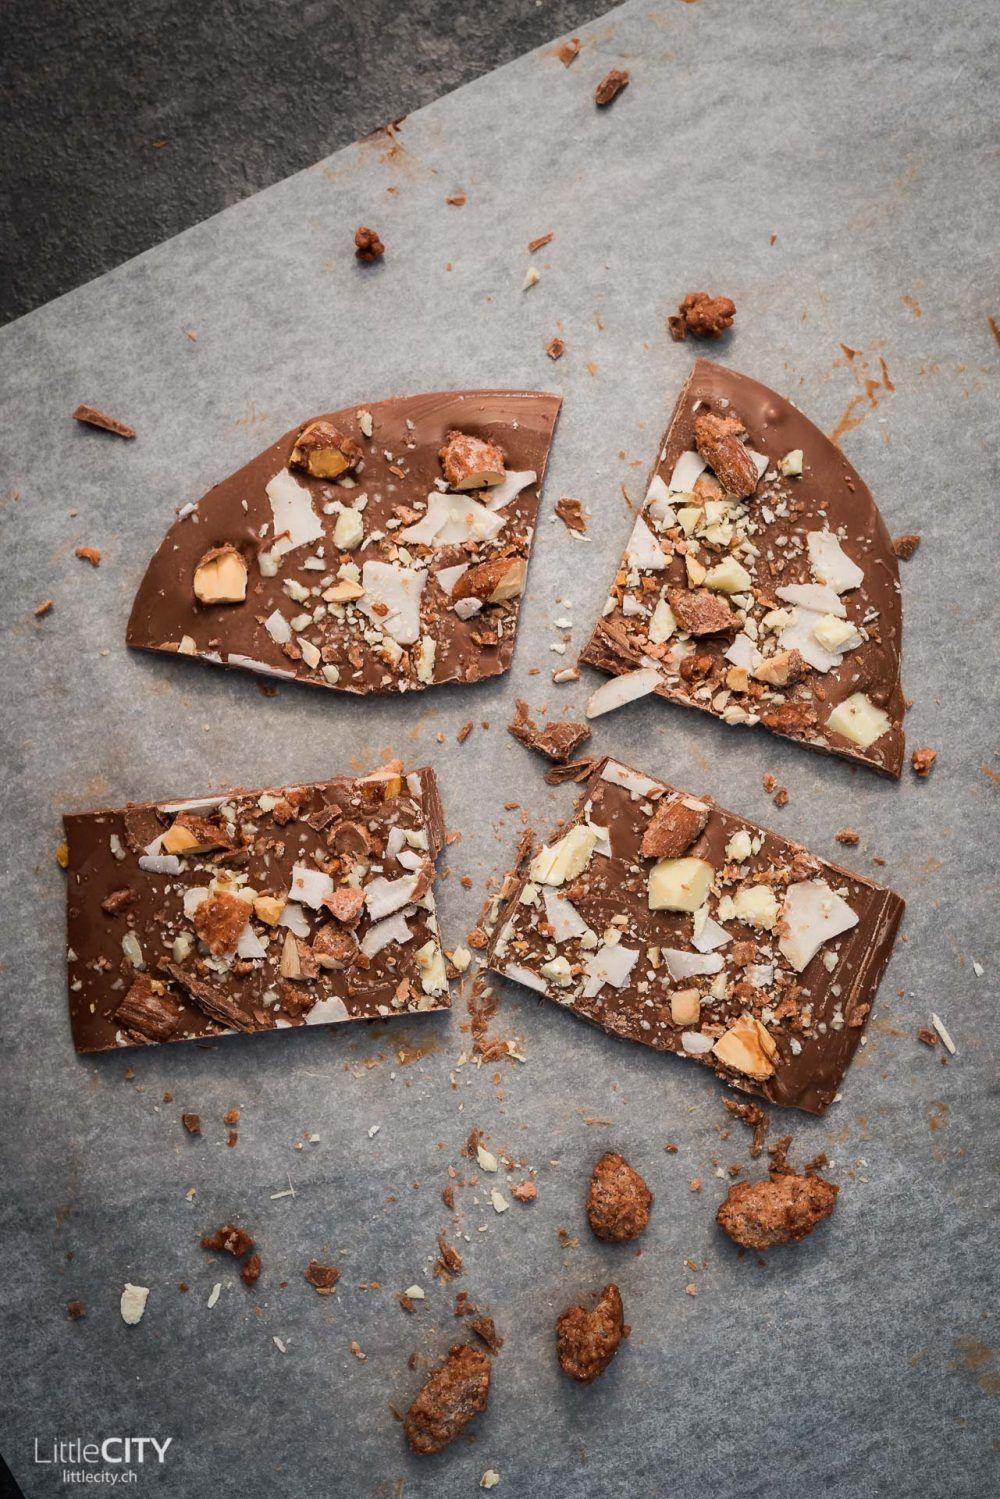 Schokolade Tafeln selber machen: Einfach, schnell, schön | Geschenkidee